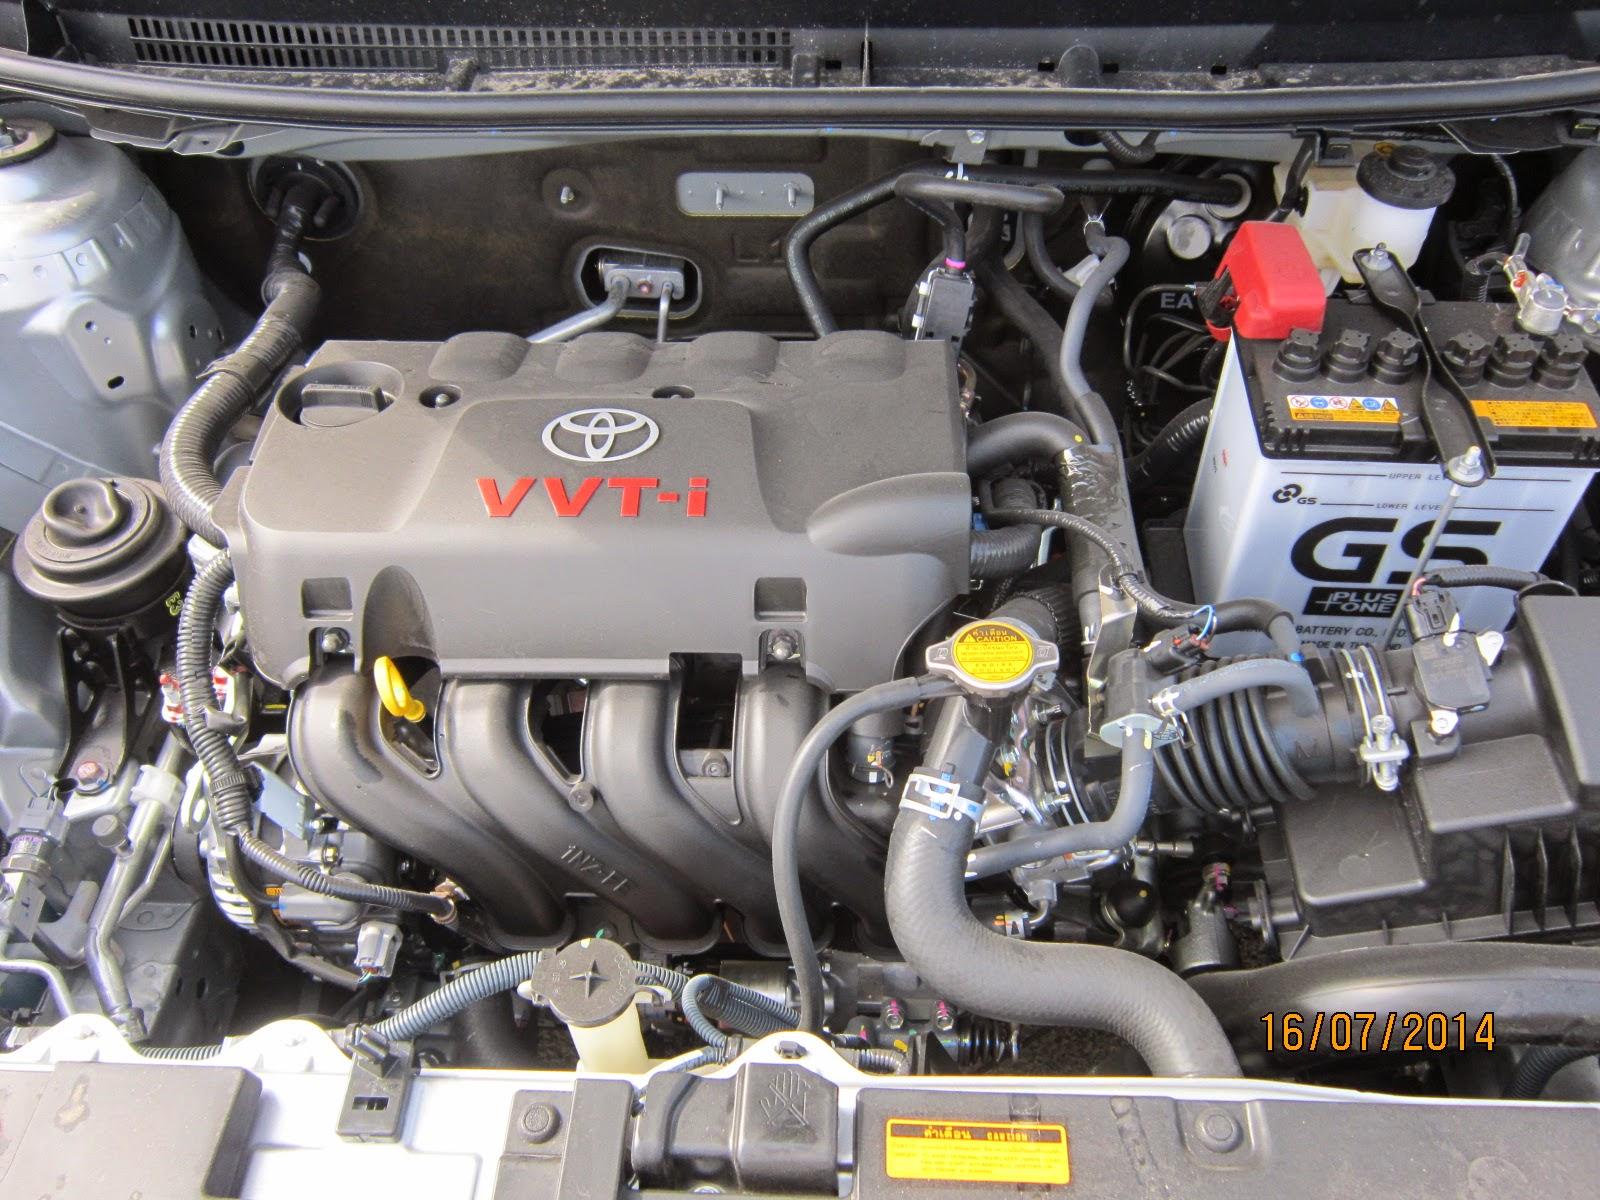 Động cơ WTT-i trên Toyota Vios 2015